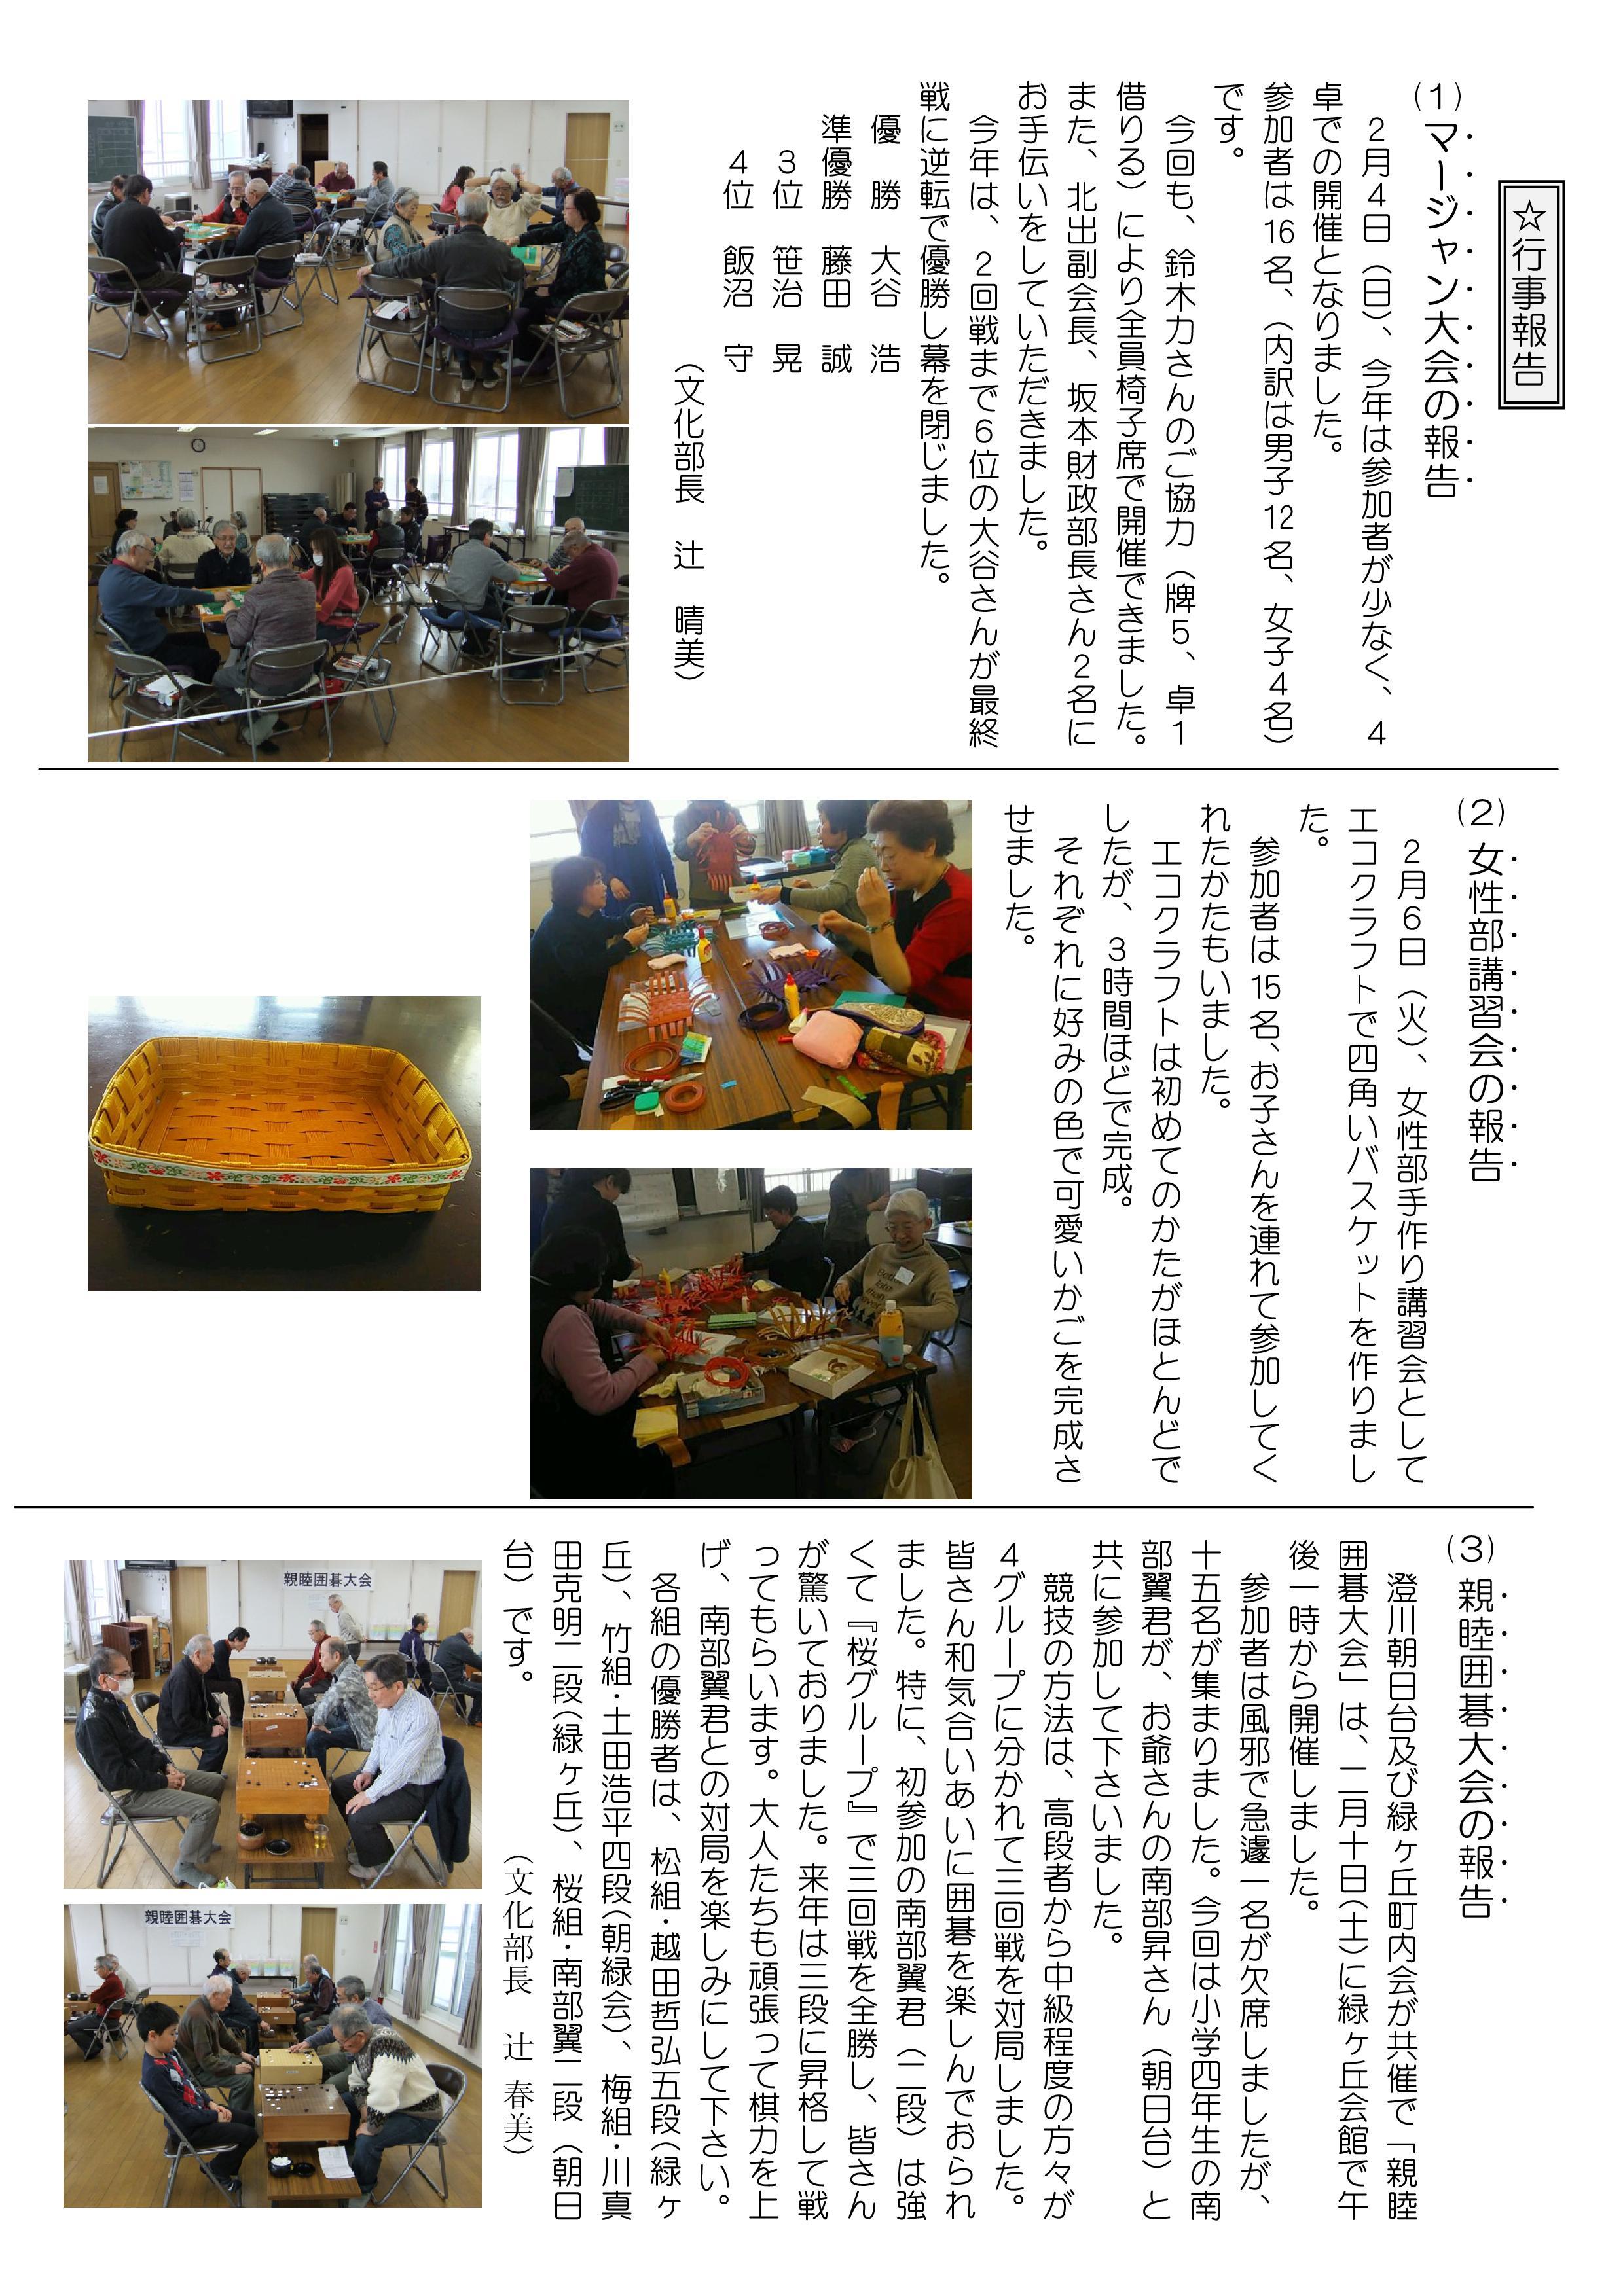 http://sumikawa.info/asahidai/29-3%E6%9C%88%E5%8F%B72.jpg